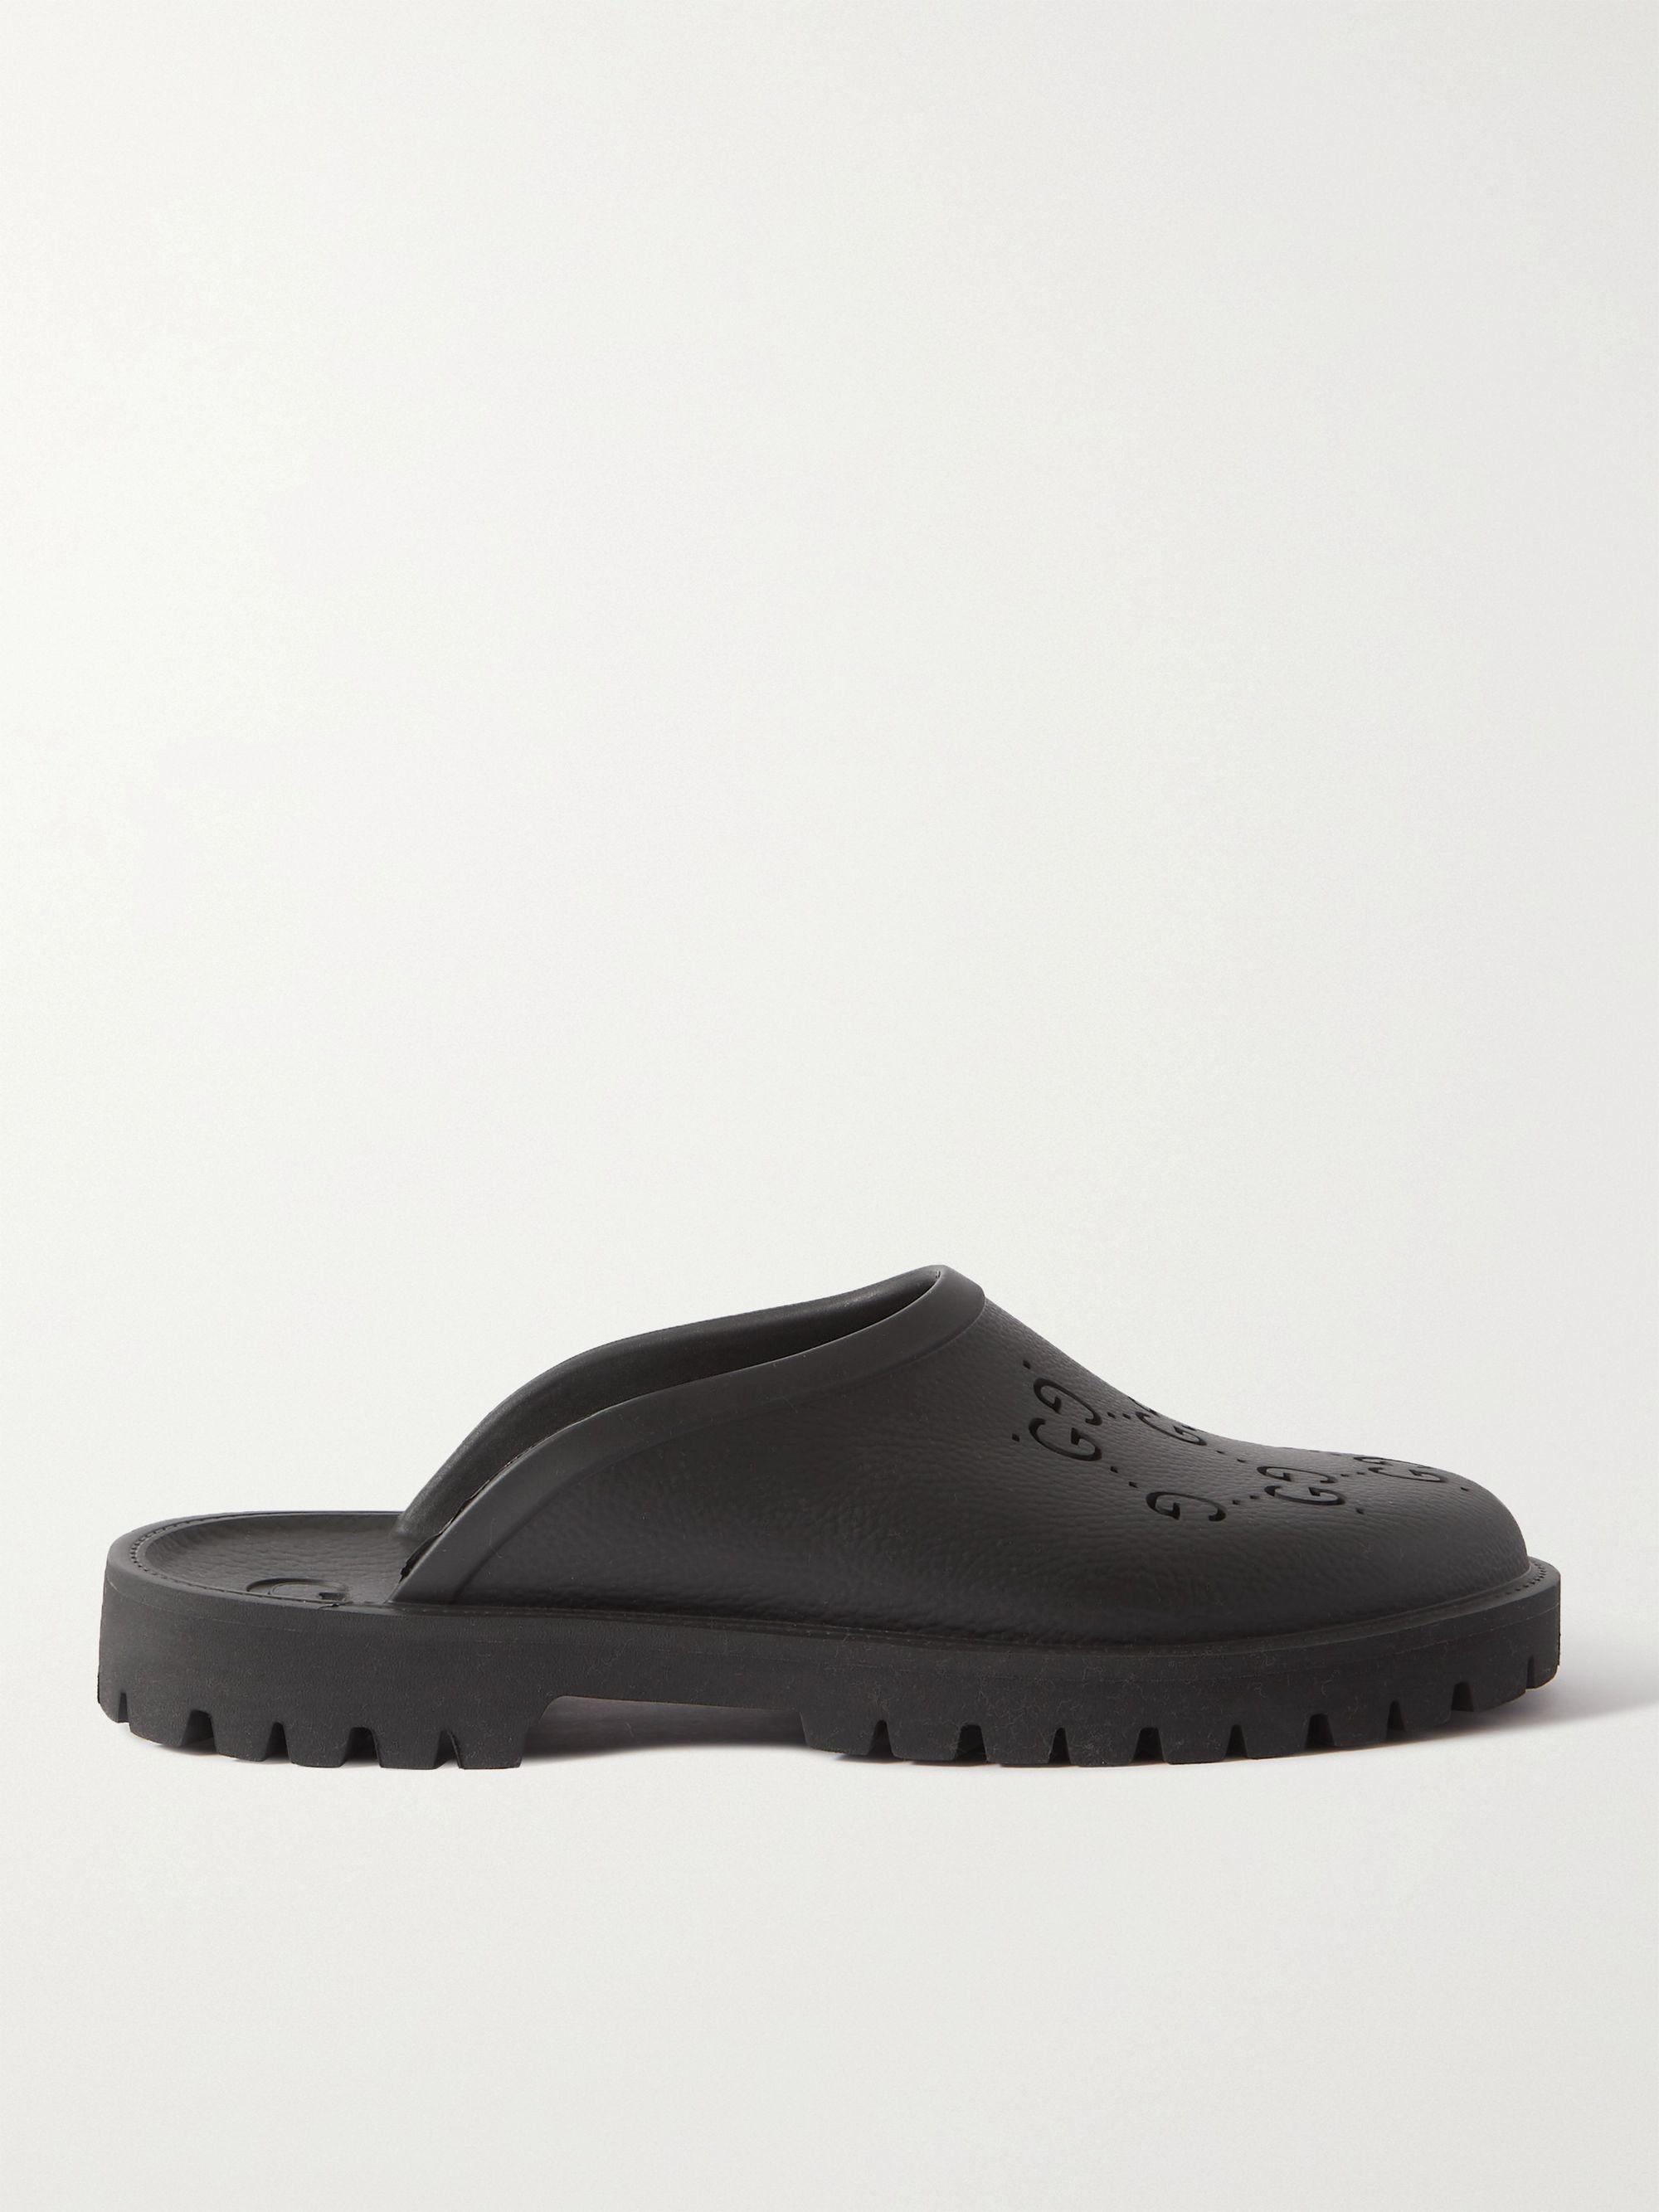 구찌 Gucci Logo-Perforated Rubber Slides,Black